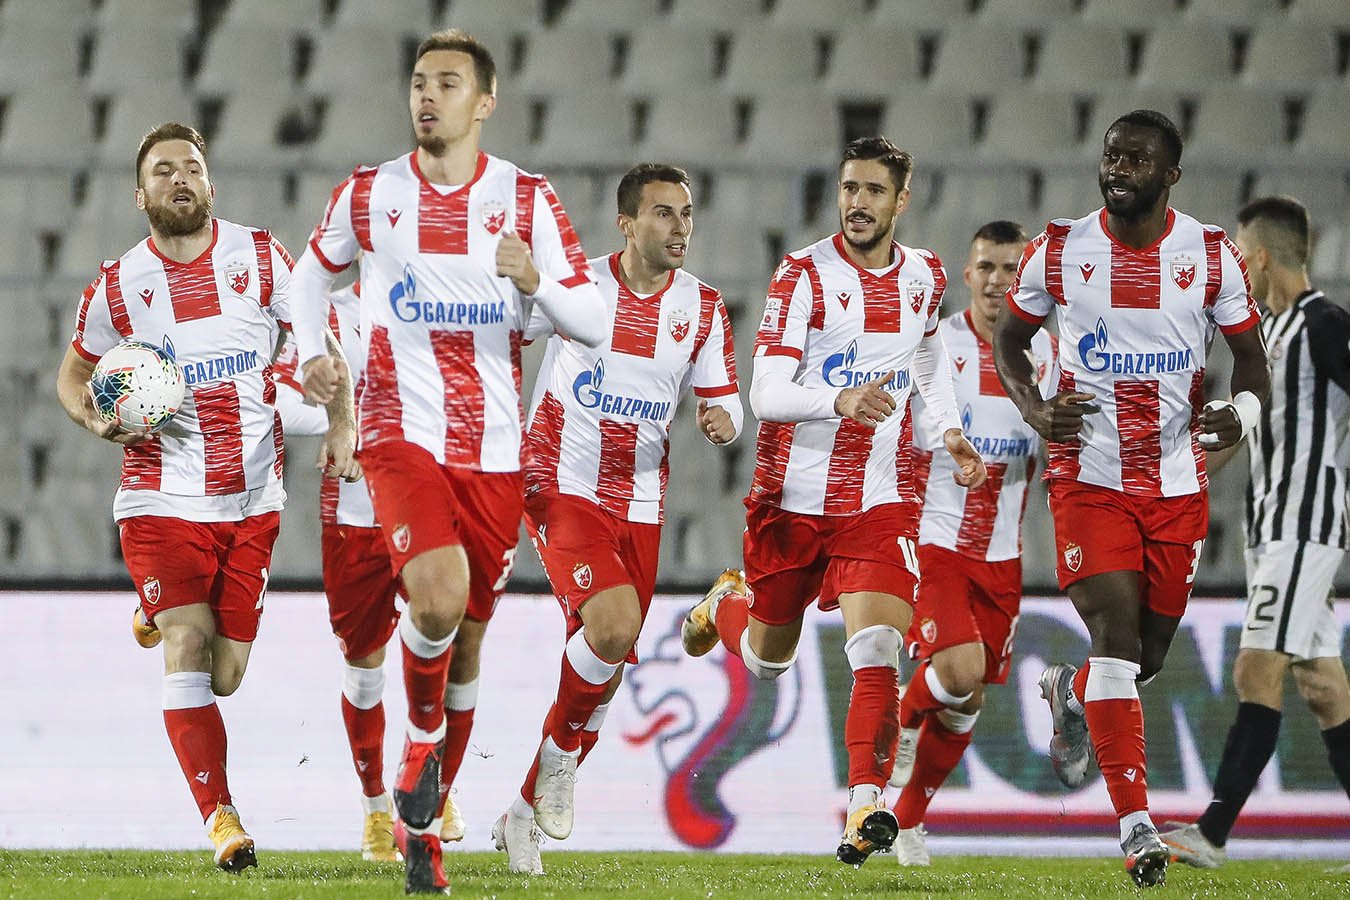 Игрок Црвены Звезды после победы в финале Кубка Сербии снял трусы прямо на поле